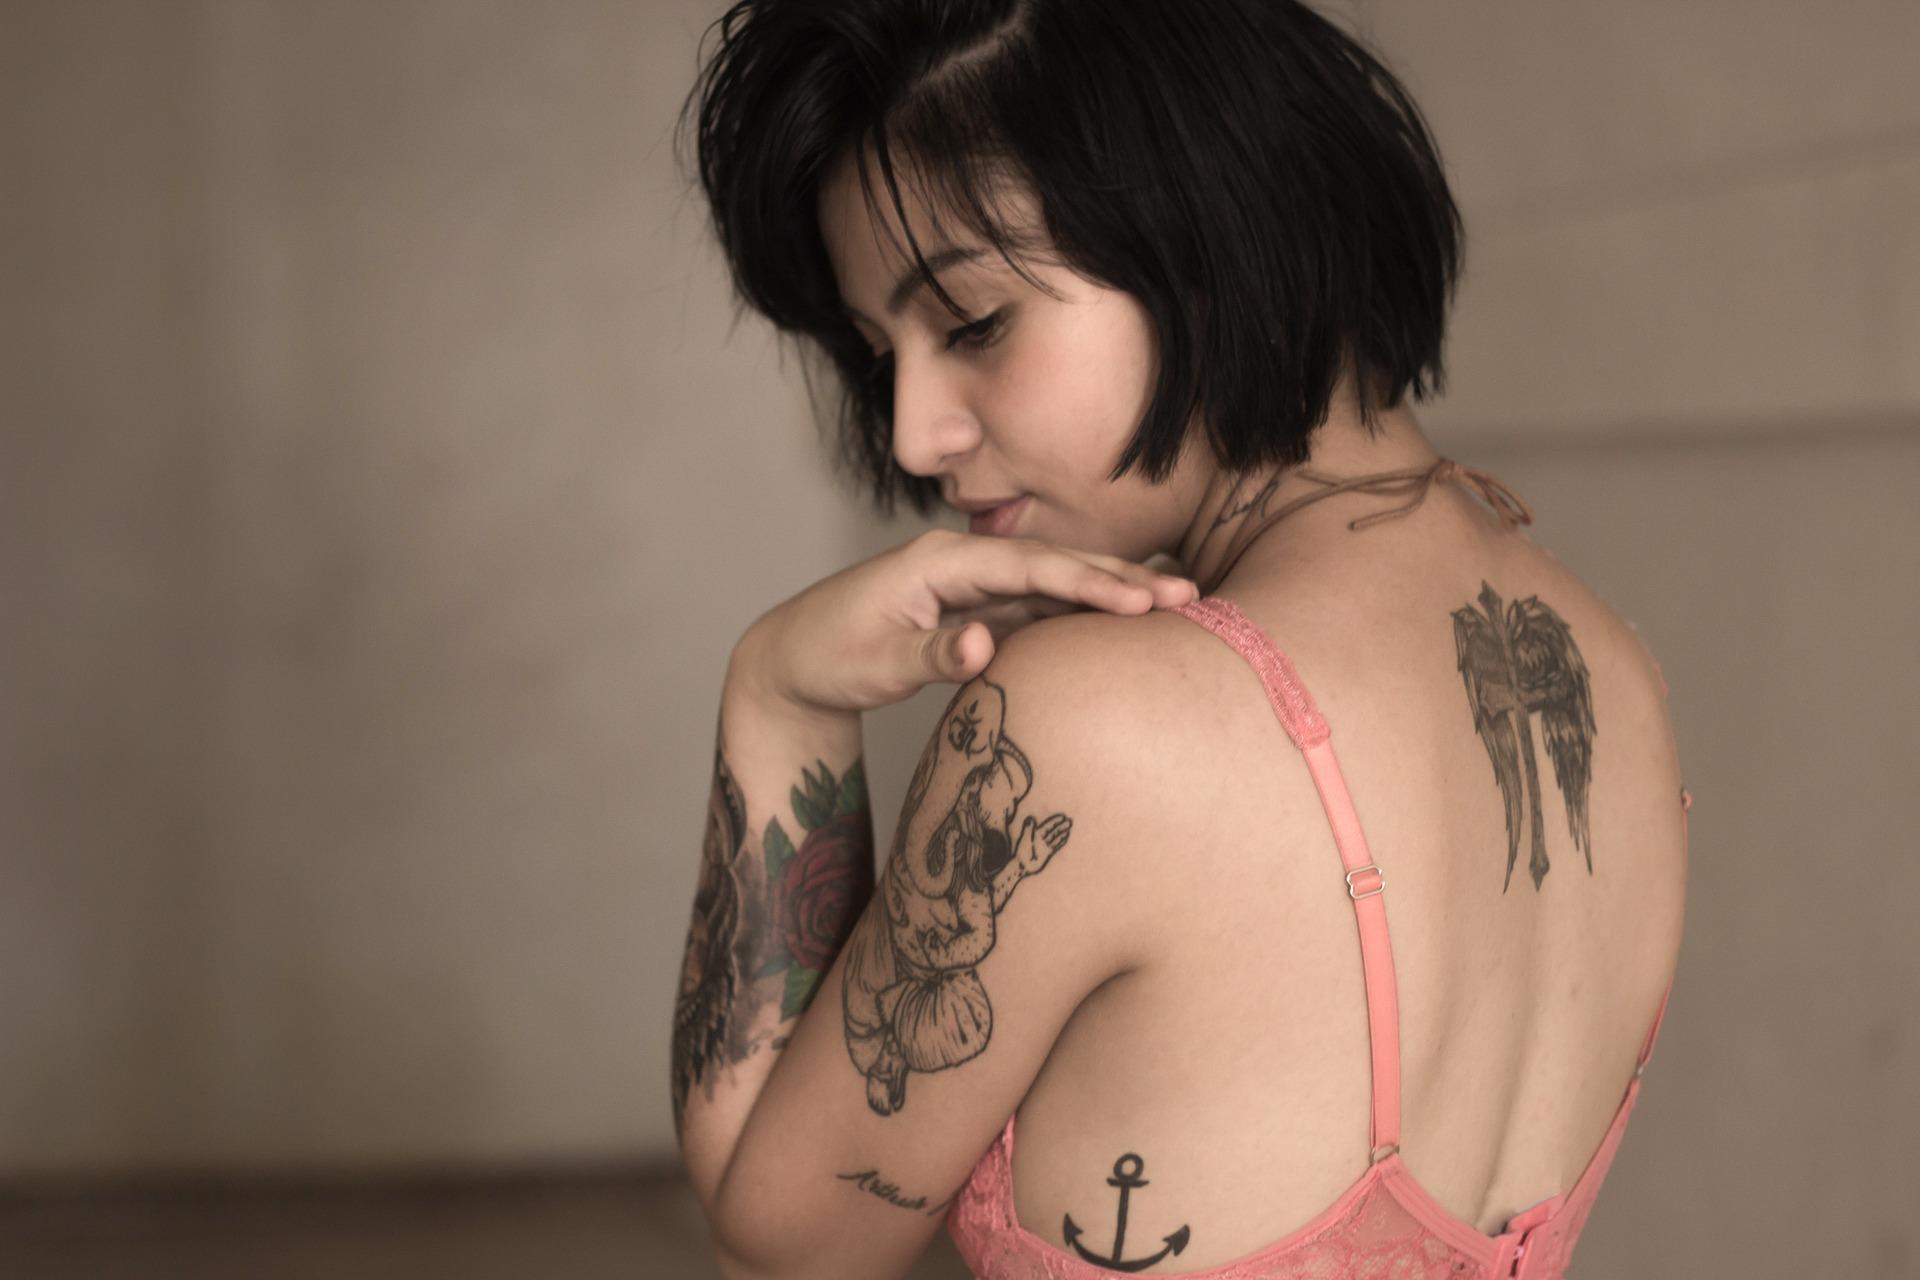 Des techniques de tatouage uniques dans le monde